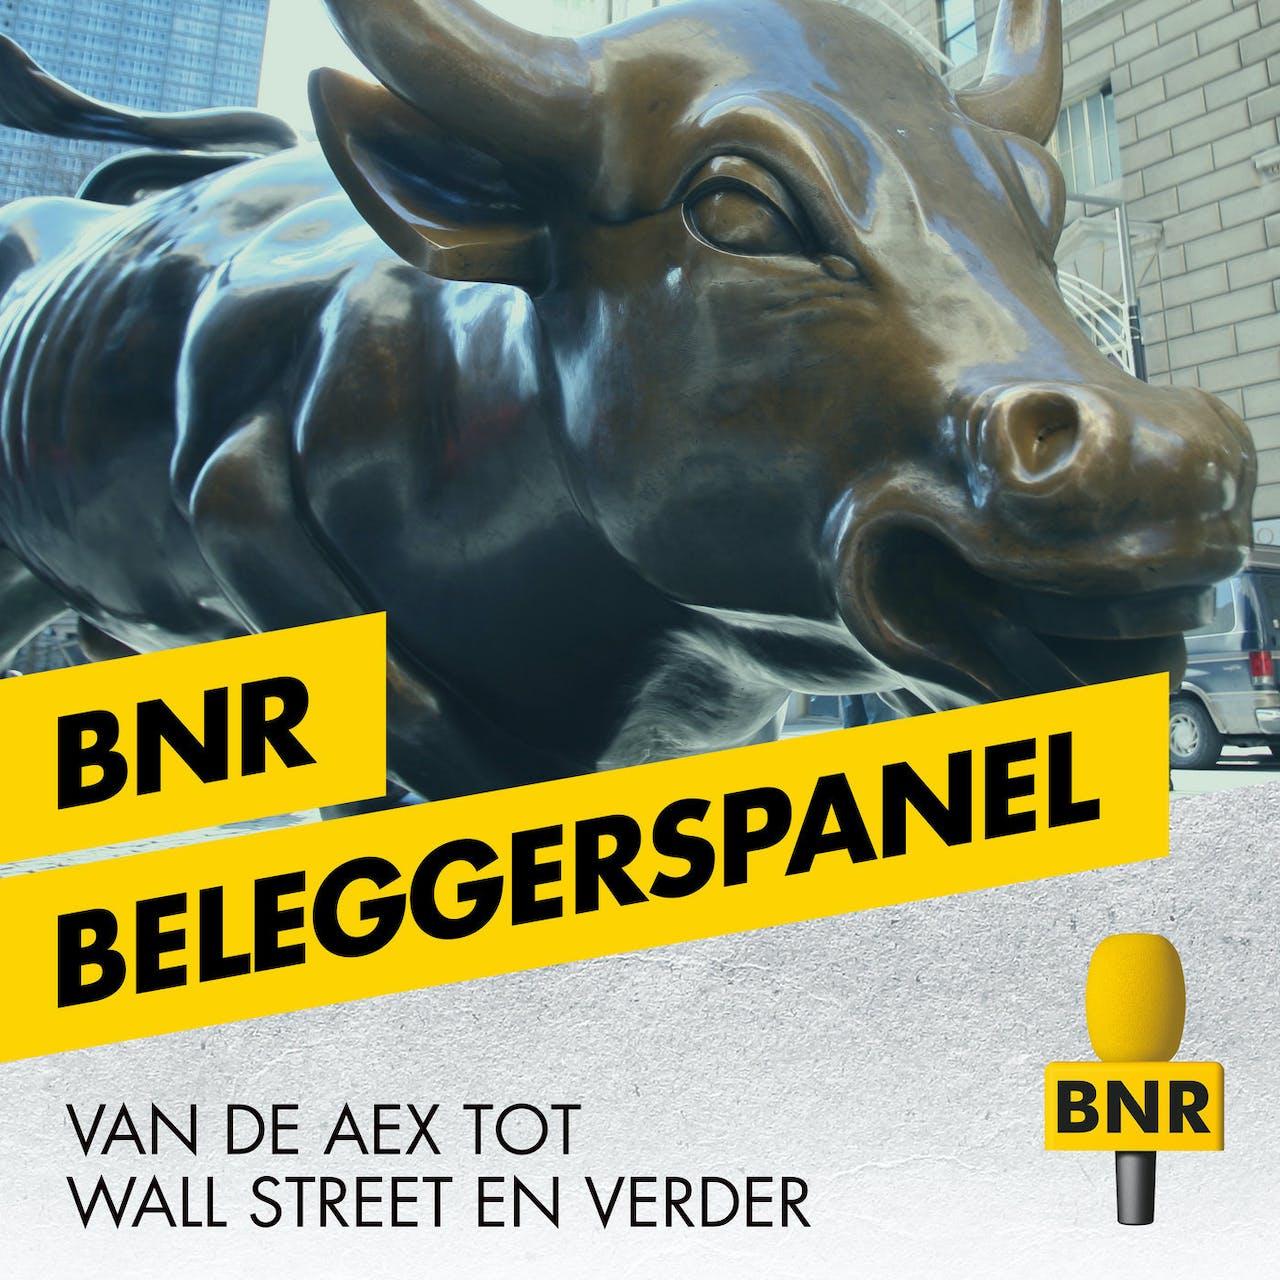 BNR radio vormgeving voor de losse programma's beleggerspanel